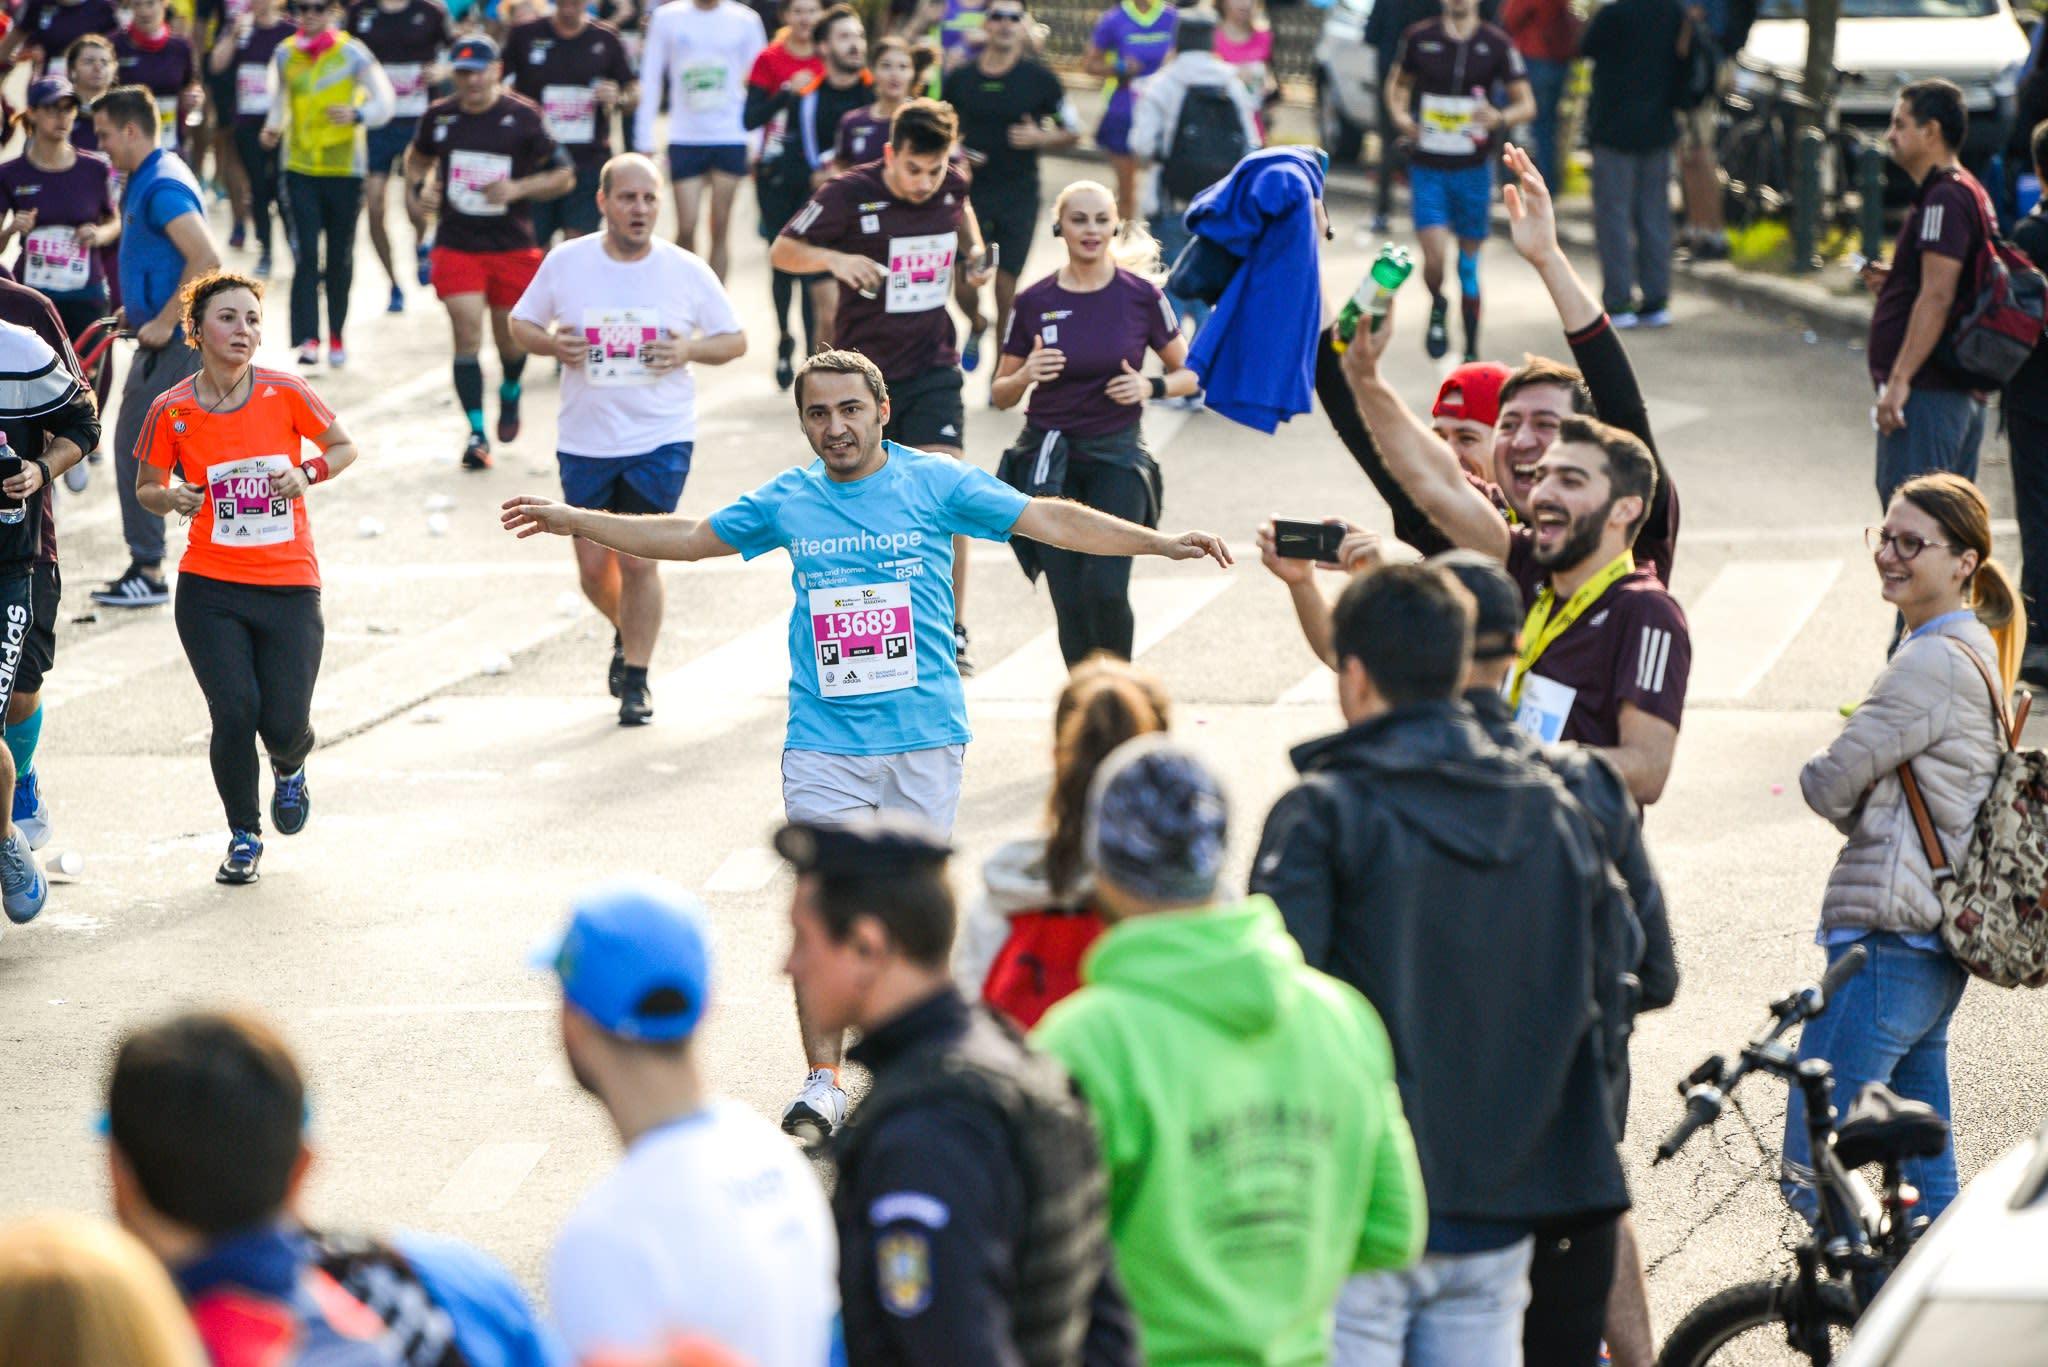 bucharest_marathon_oct_2017_-_foto_3.jpg